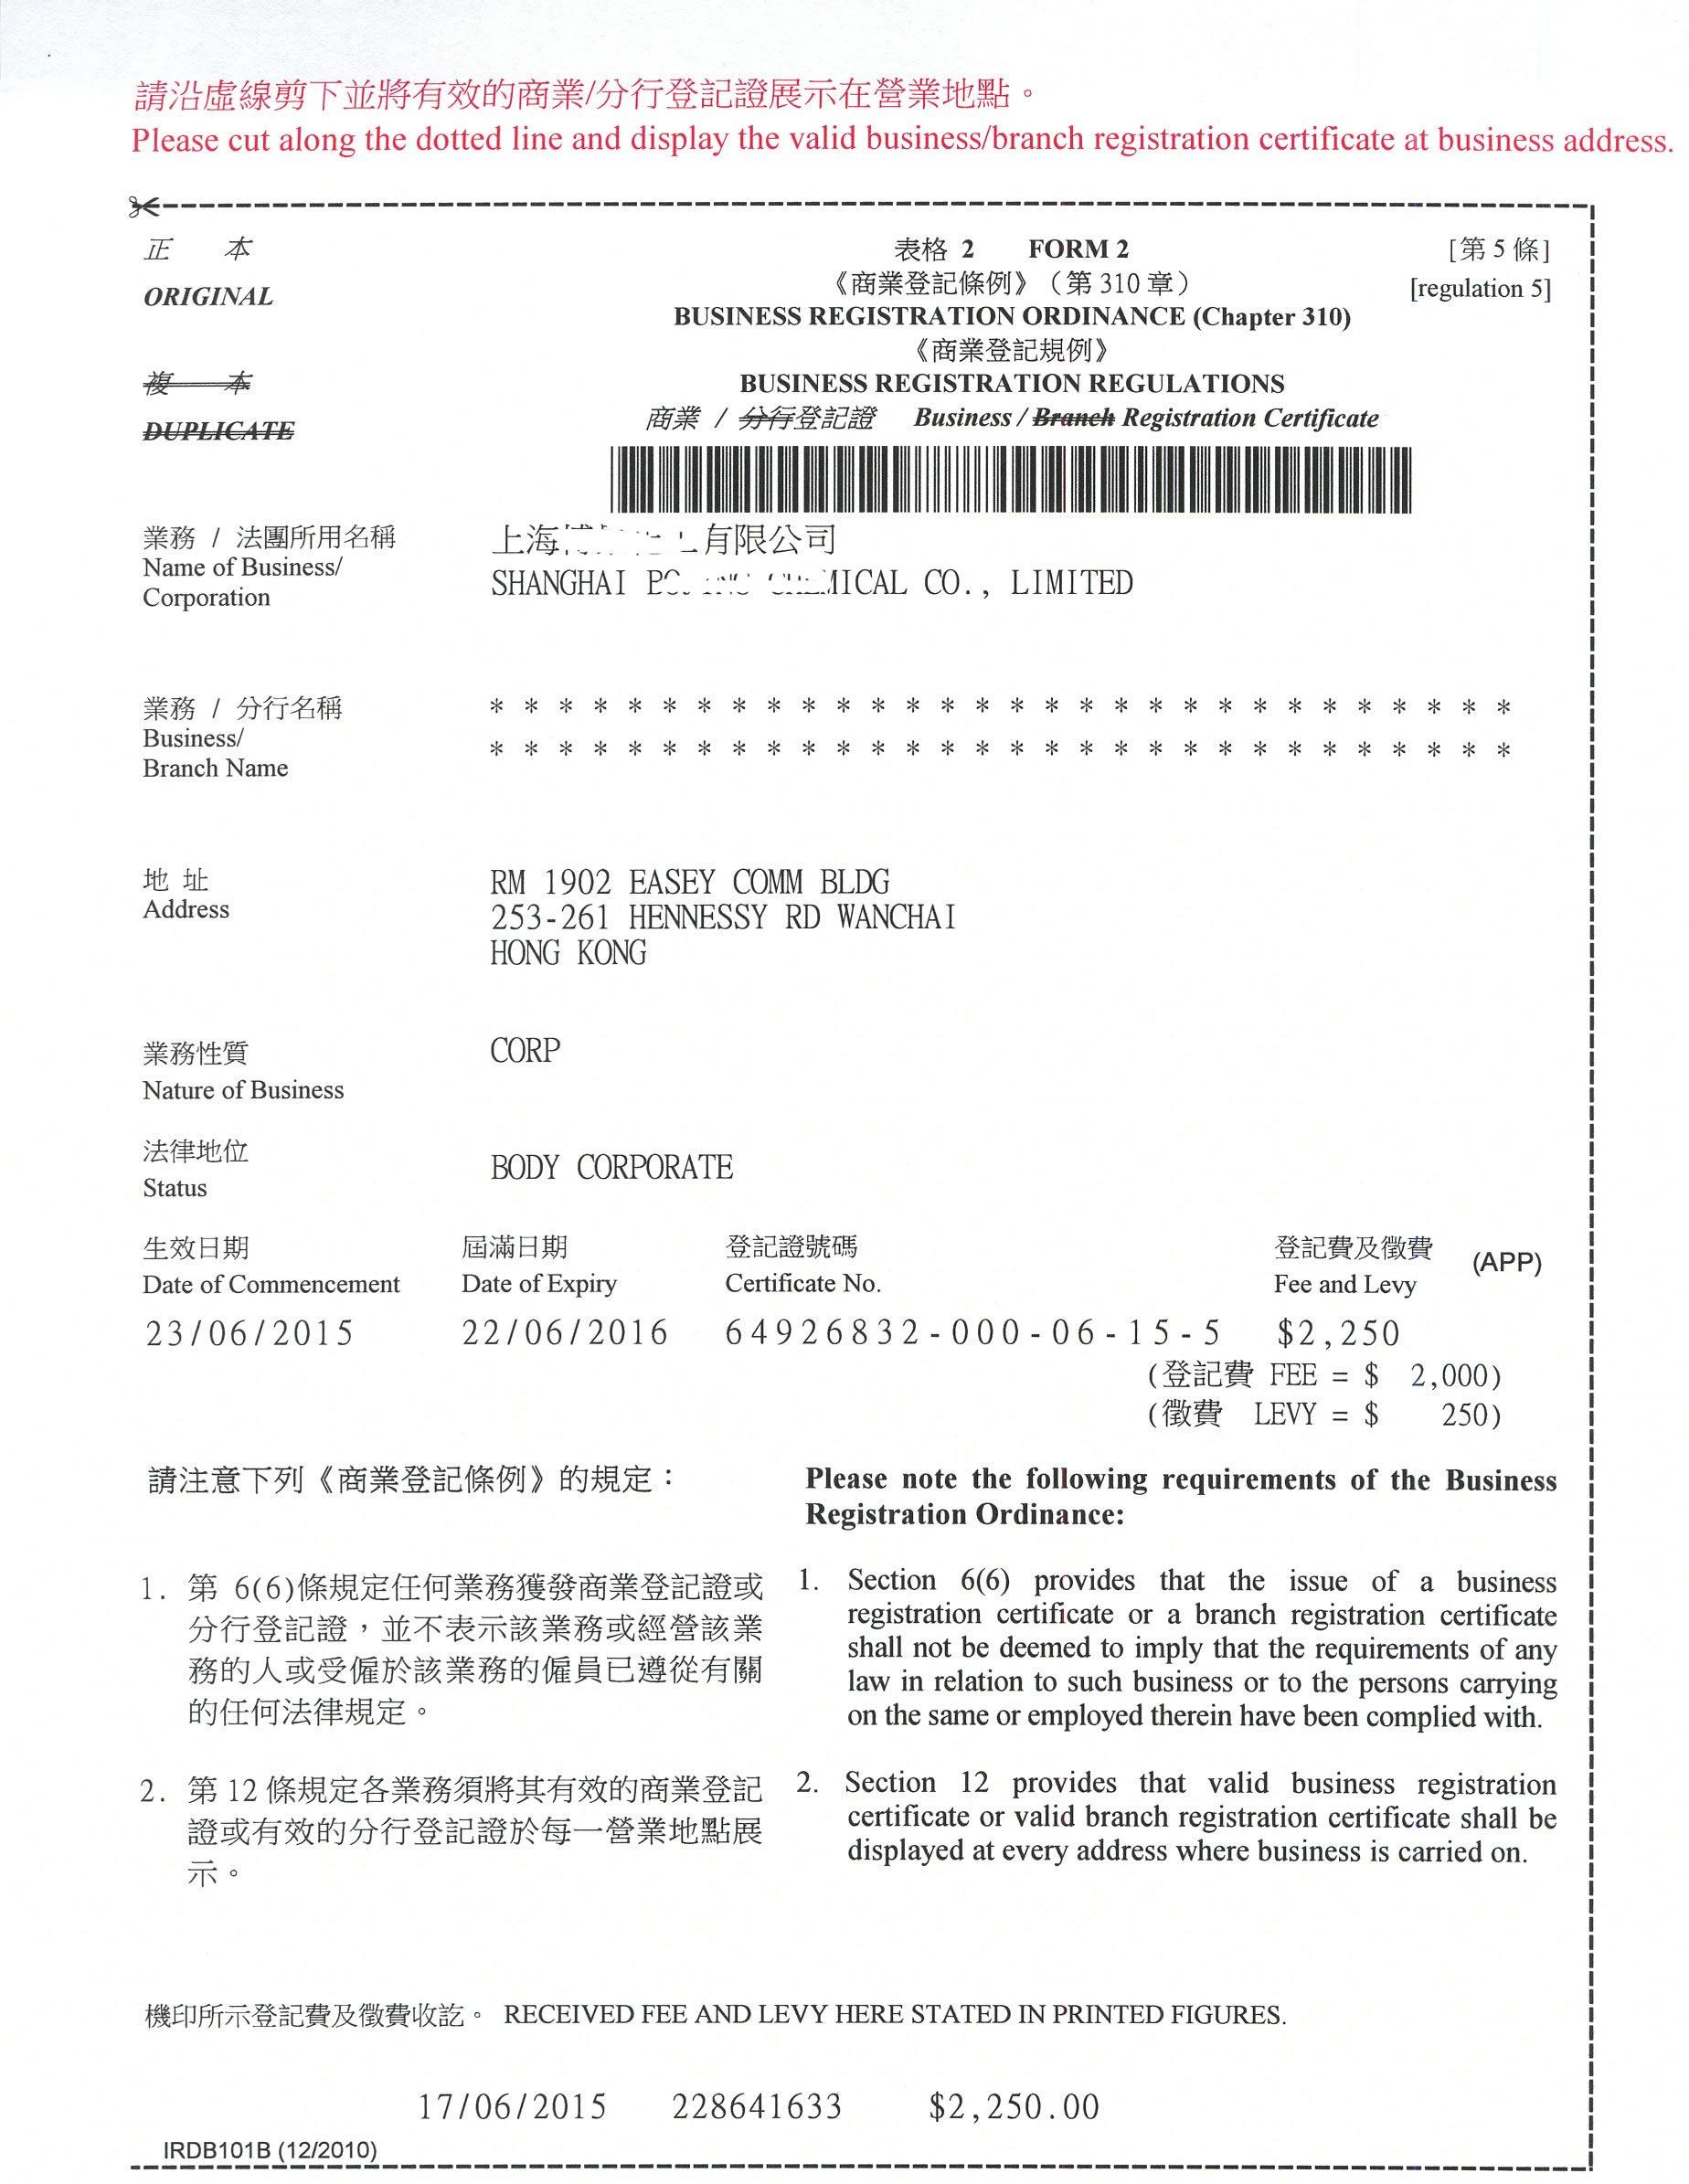 详解香港公司商业登记证